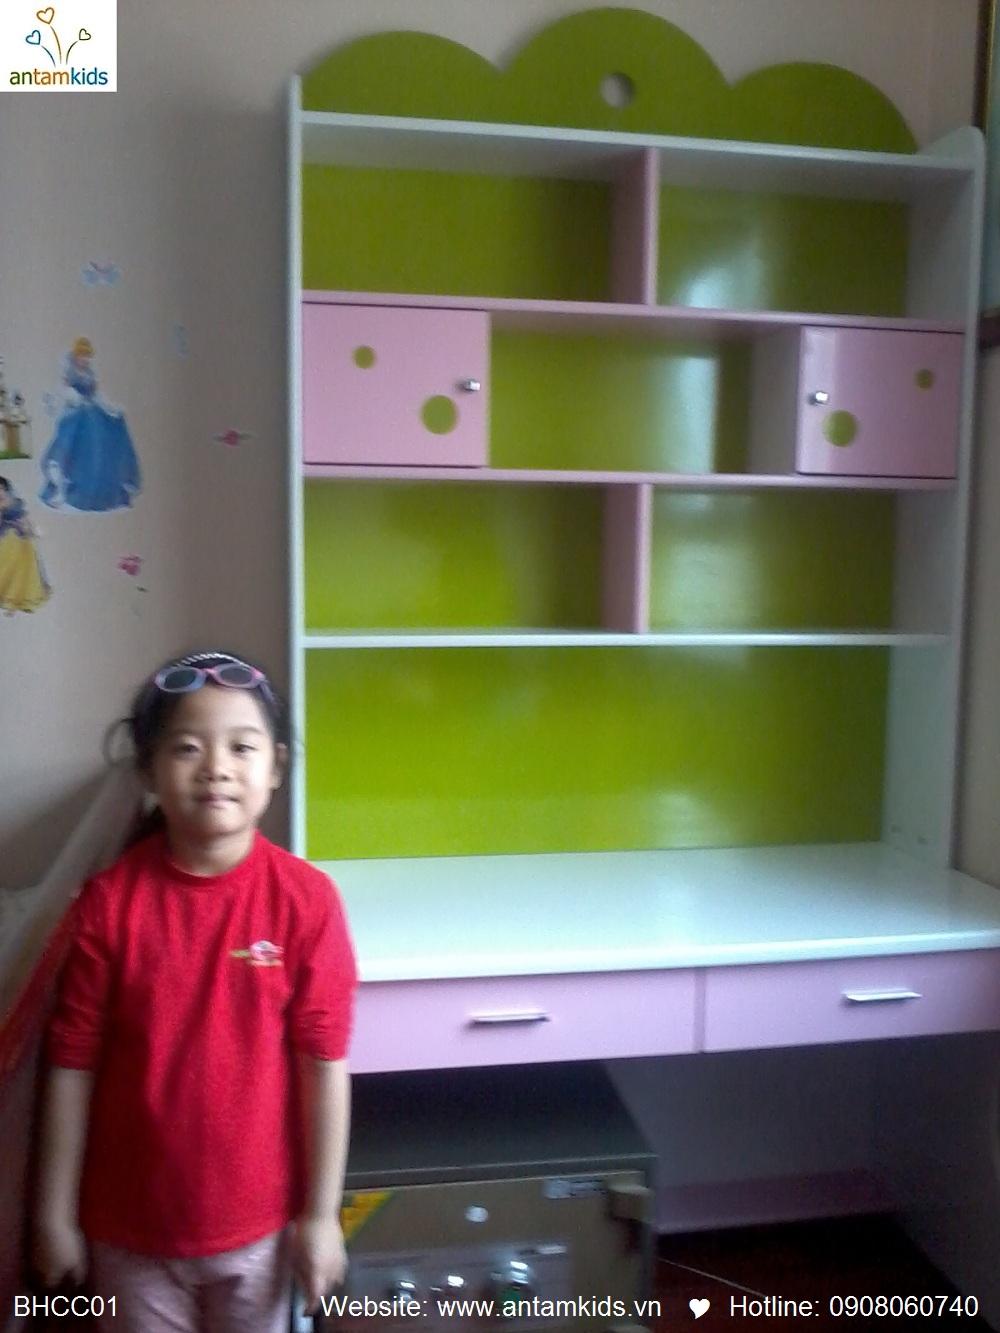 Bàn học Công chúa xinh yêu cho bé Bảo Châu, con gái yêu của mẹ Thanh Tâm_THNC, Hà Nội, ban hoc tre em, ban ho cho be, ban hoc dep